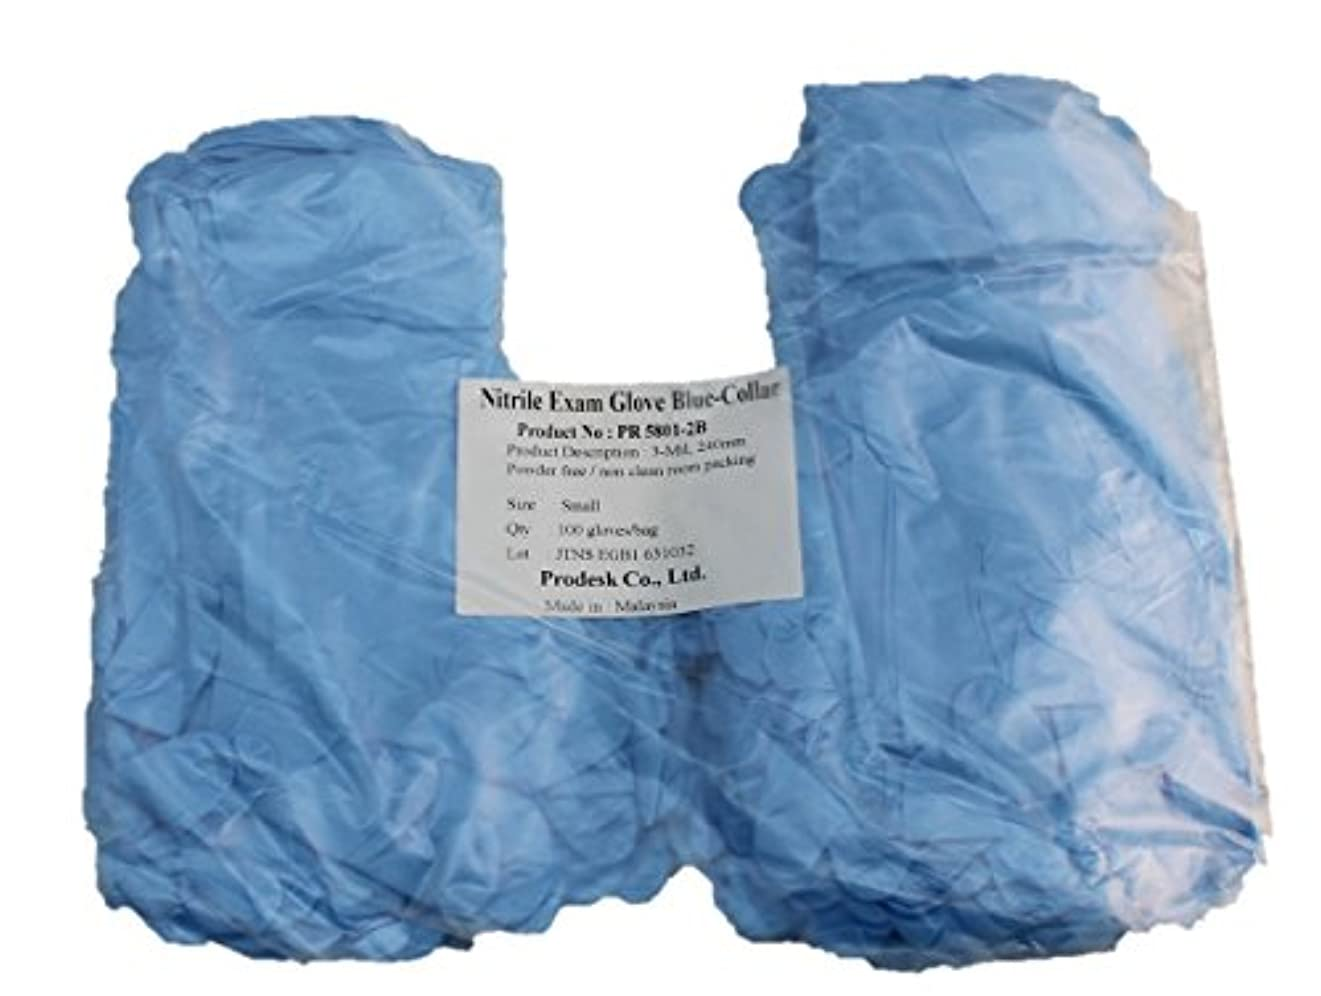 ヒギンズ滞在かもしれないプロディスク ニトリル手袋 パウダーフリー?未滅菌 PR5801-2B